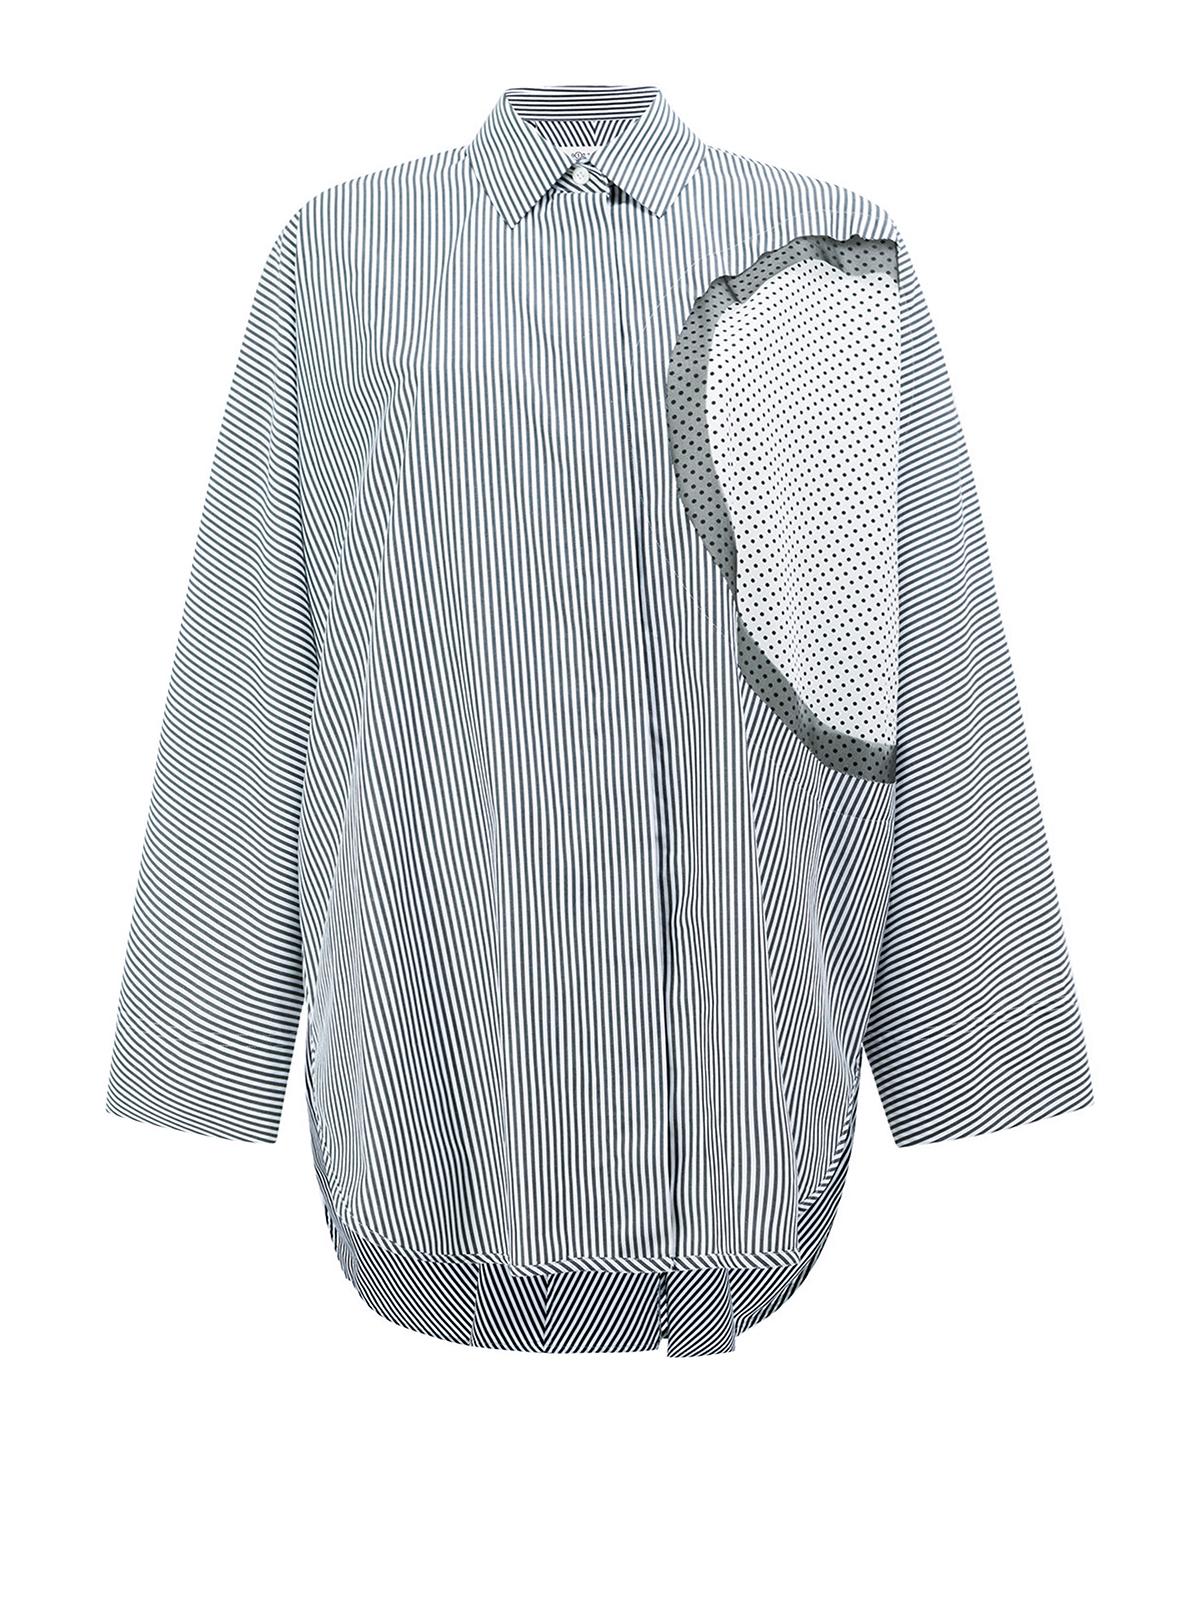 Cut Camicie Camicia Con Over Margiela Dettaglio Maison Out D92WEHI